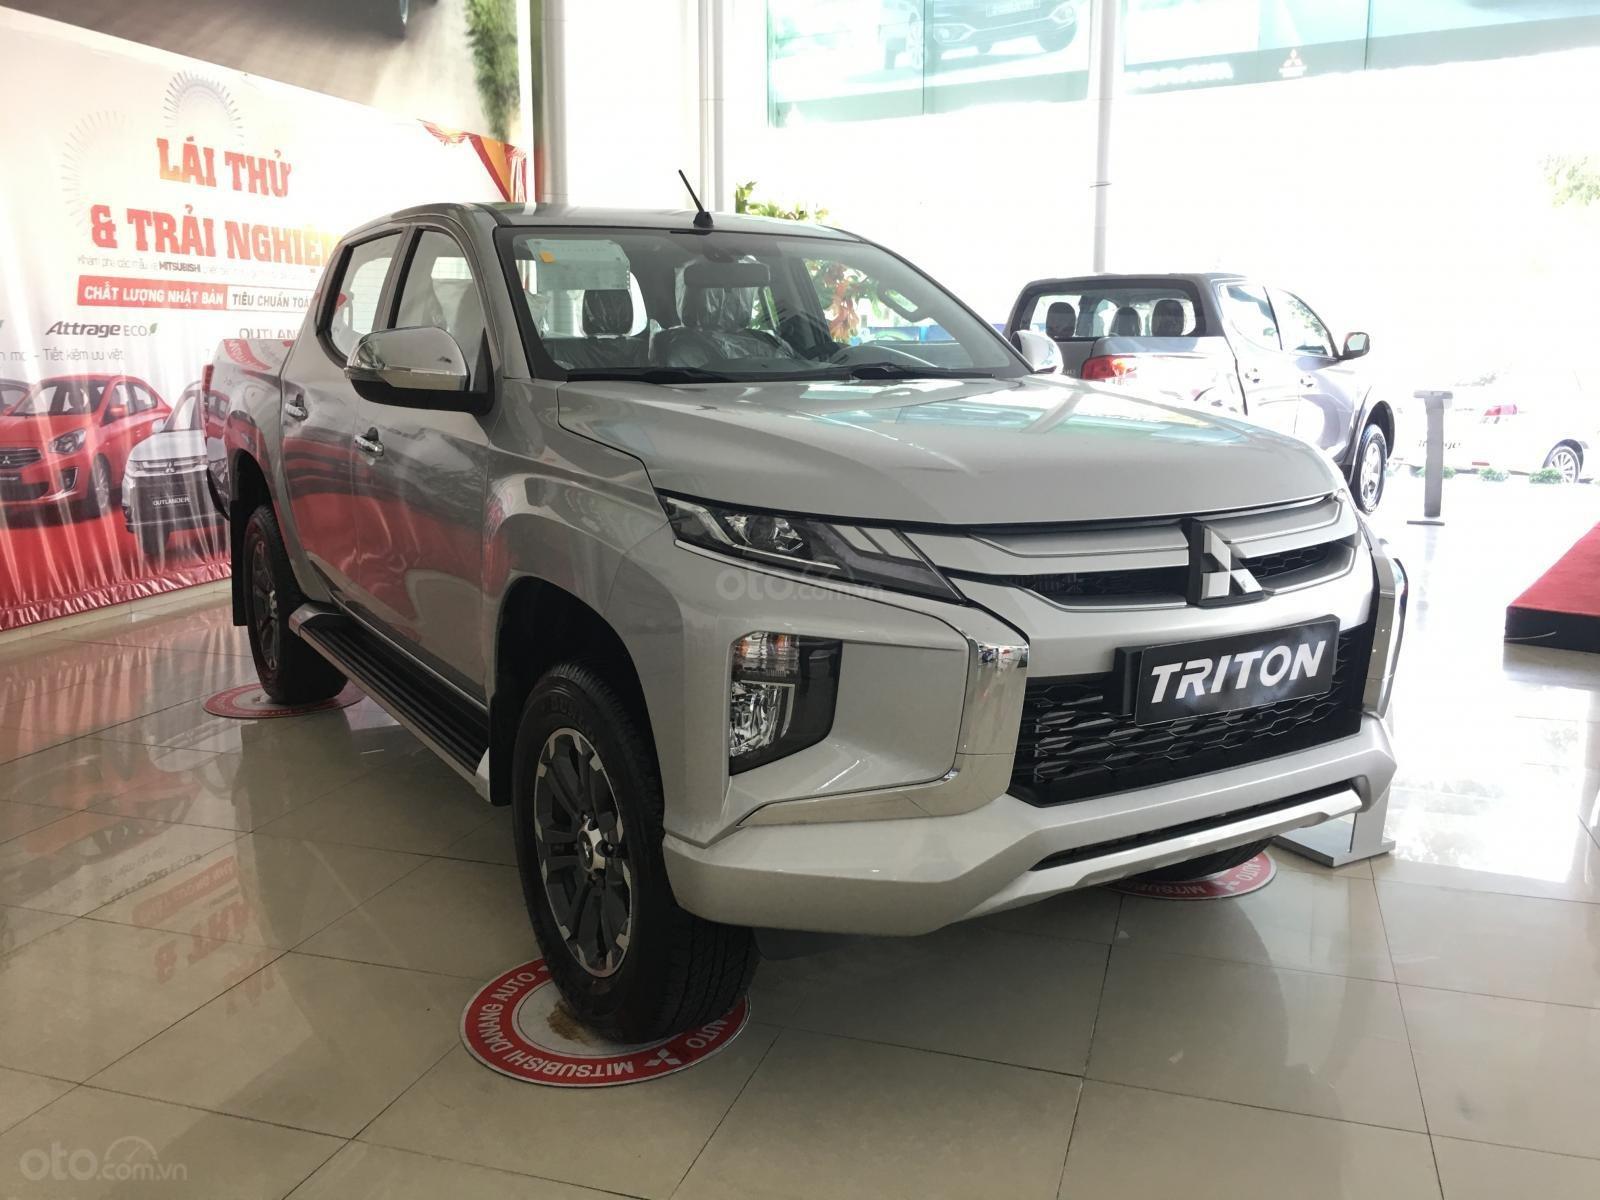 Triton Đà Nẵng, Mitsubishi Triton 2019, màu bạc, nhập khẩu nguyên chiếc, xe giao ngay. Liên hệ 0931911444-0